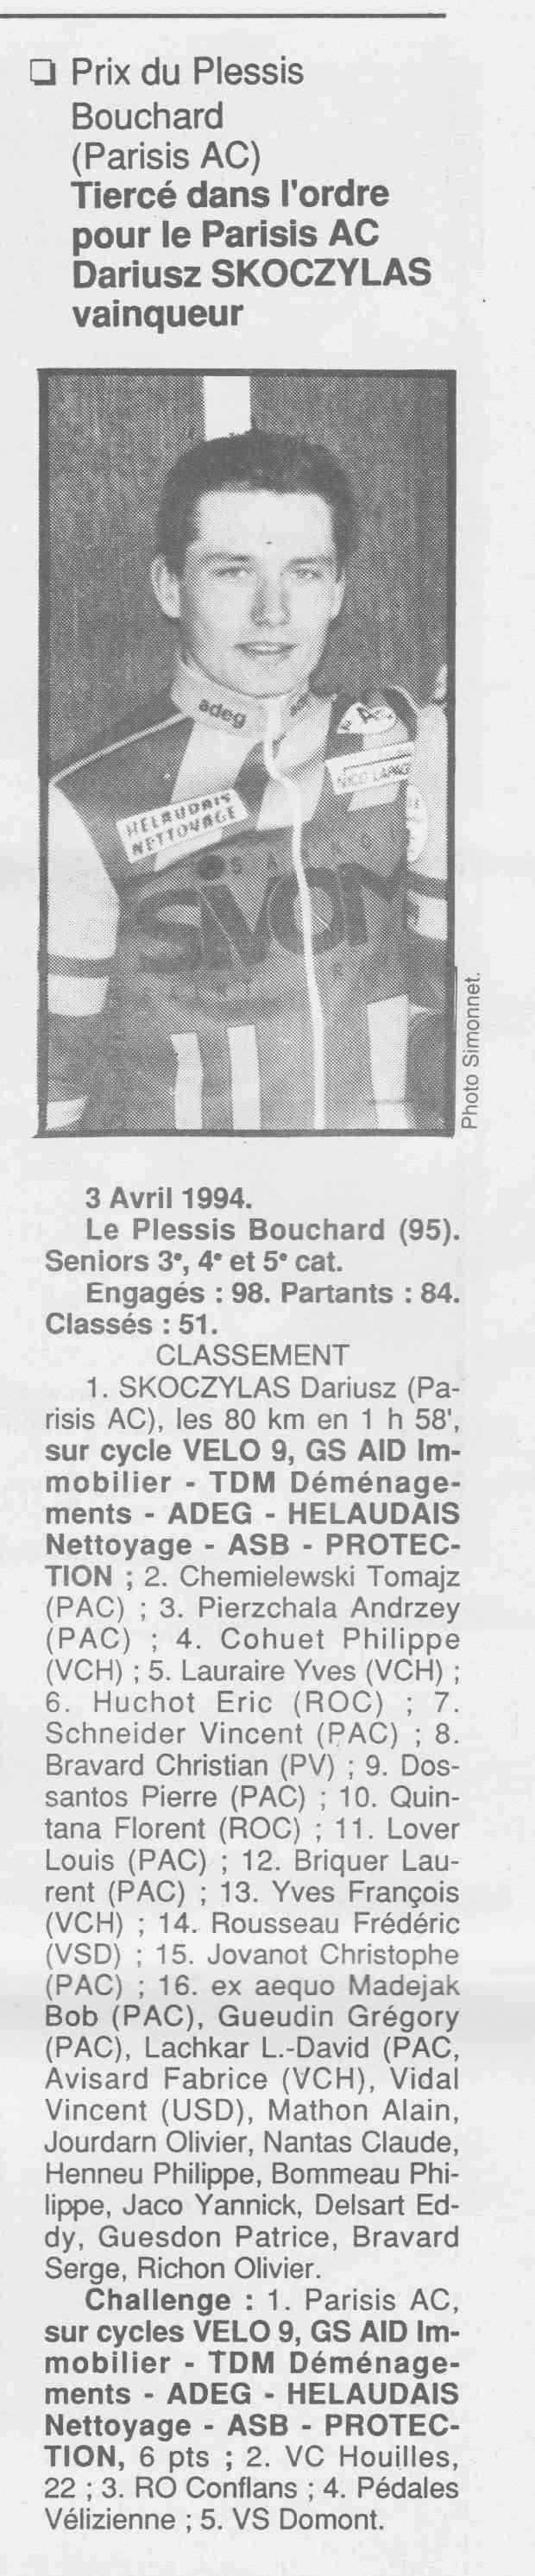 Coureurs et Clubs de Octobre 1993 à Septembre 1996 - Page 4 00934